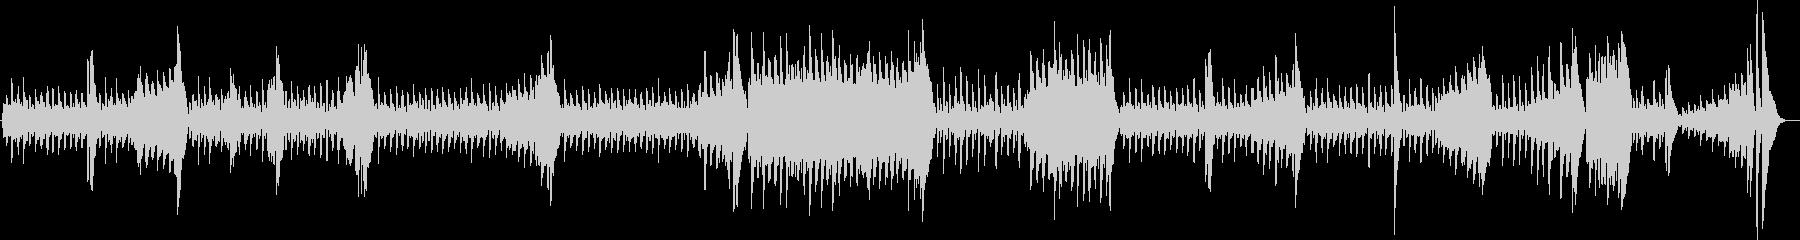 ウキウキわんこの、かわいいお散歩ピアノ曲の未再生の波形